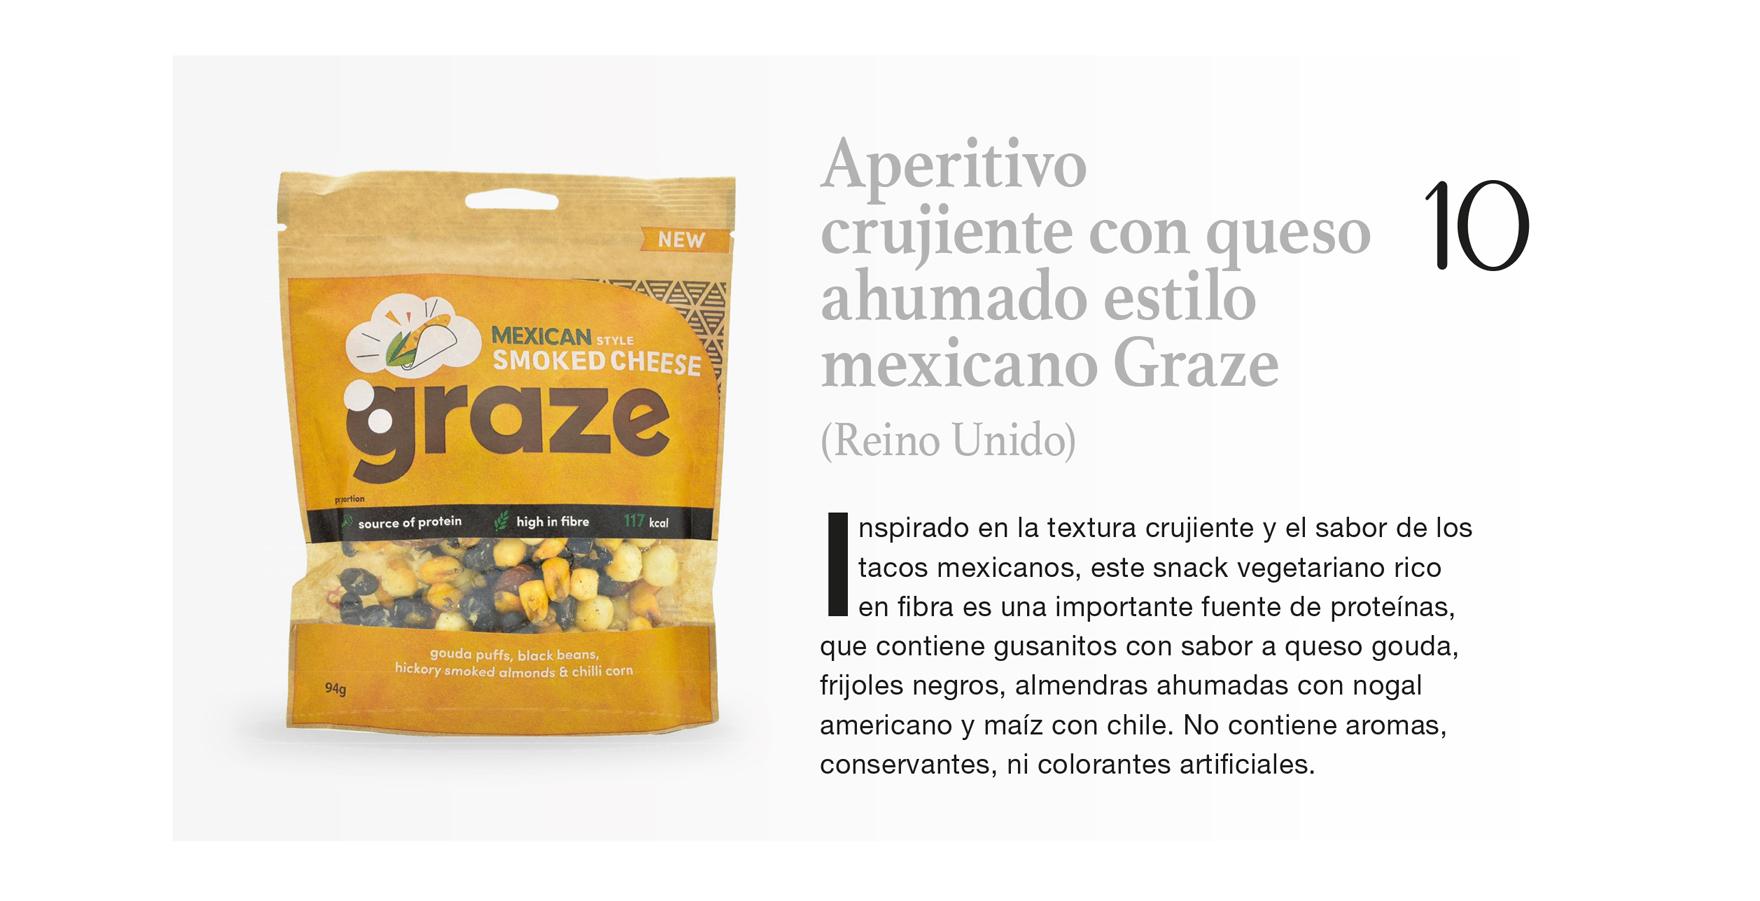 Aperitivo crujiente con queso ahumado estilo mexicano Graze (Reino Unido)